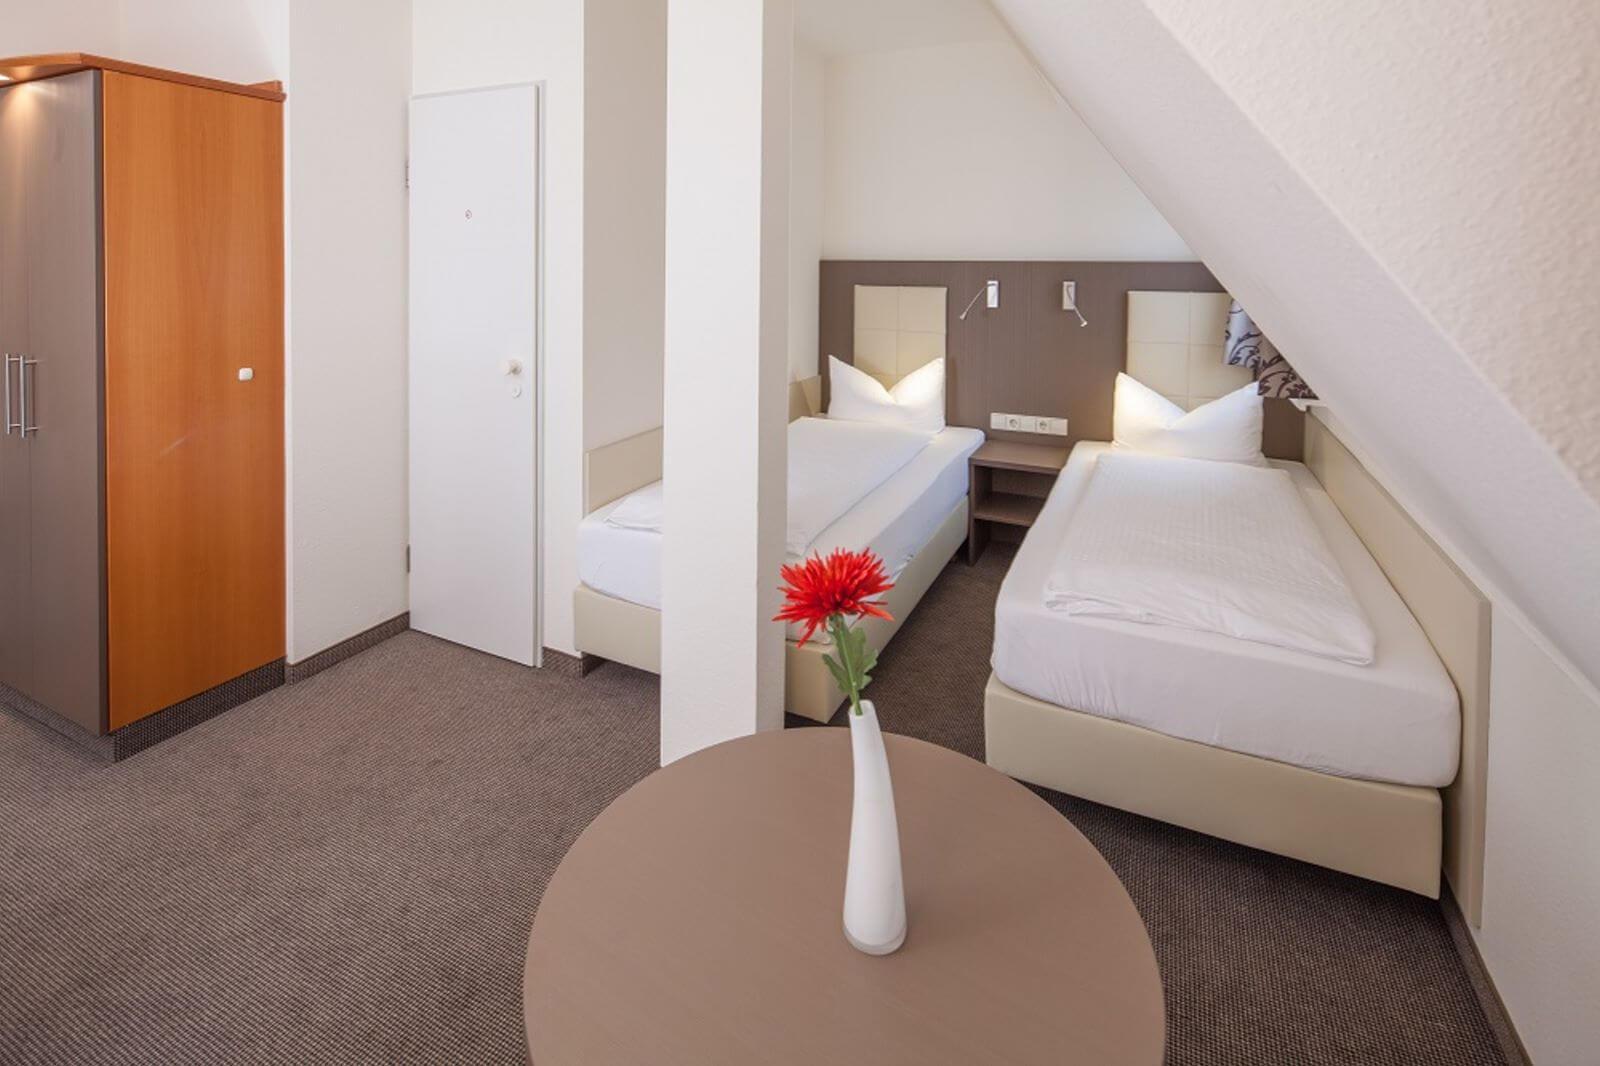 twinbettzimmer-zweibettzimmer-hotel-garni-pension-freiburg-cityhotel-innenstadt-guenstig (1)